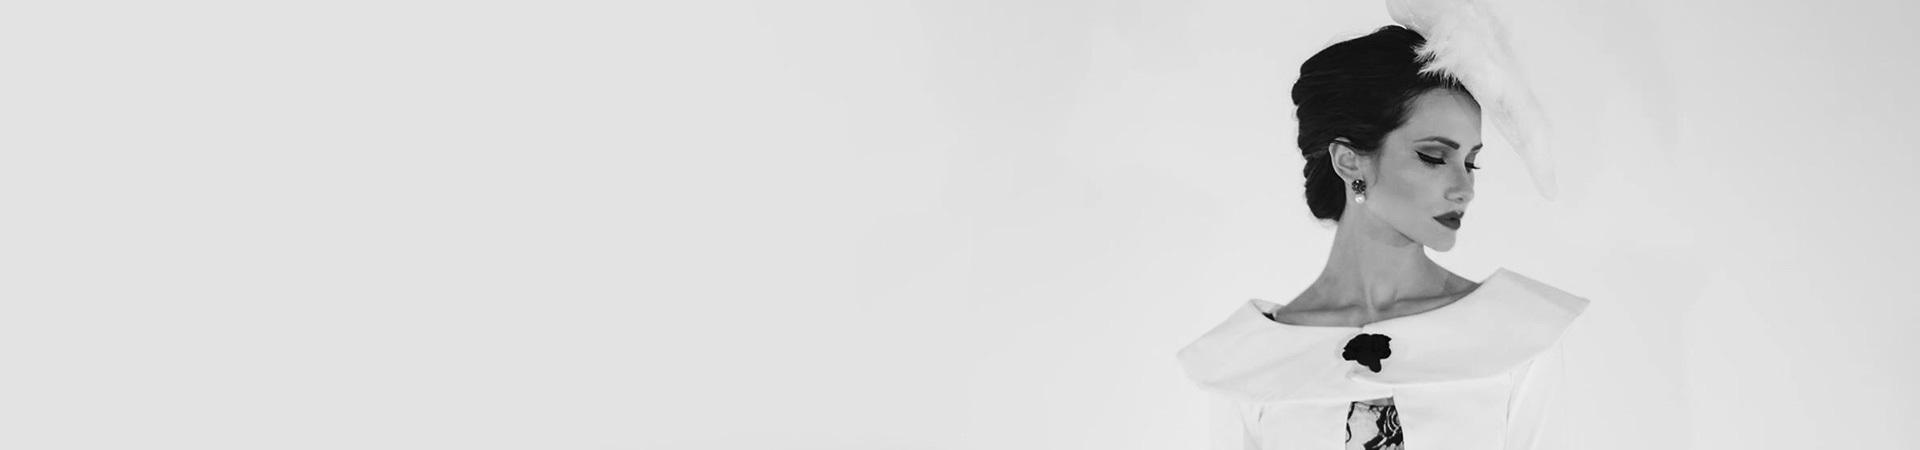 banner de topo - Curso de moda